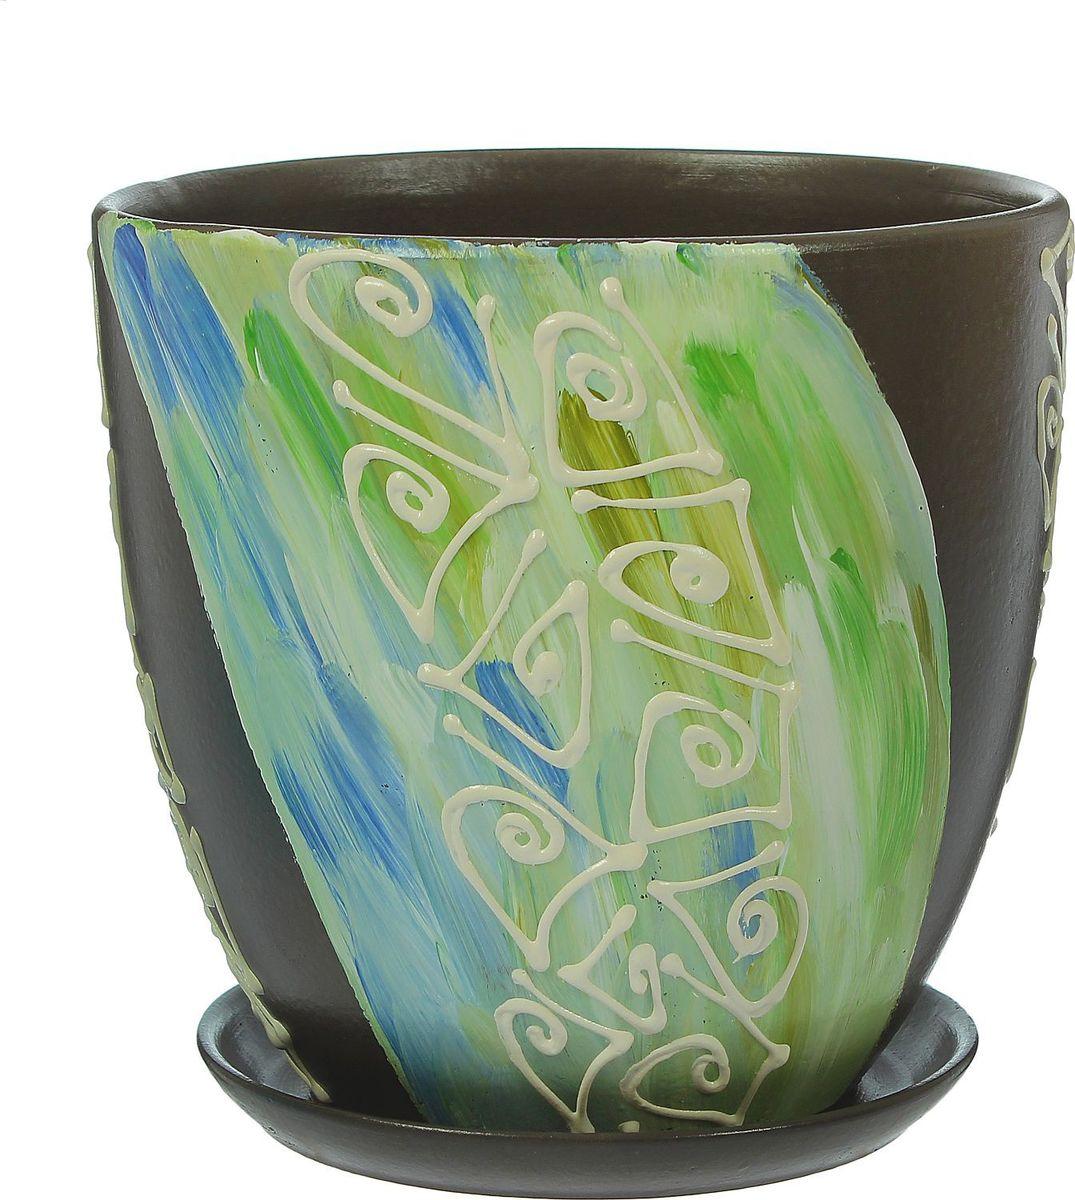 Кашпо Аква, 4,8 л1369839Комнатные растения — всеобщие любимцы. Они радуют глаз, насыщают помещение кислородом и украшают пространство. Каждому из них необходим свой удобный и красивый дом. Кашпо из керамики прекрасно подходят для высадки растений: за счёт пластичности глины и разных способов обработки существует великое множество форм и дизайновпористый материал позволяет испаряться лишней влагевоздух, необходимый для дыхания корней, проникает сквозь керамические стенки! #name# позаботится о зелёном питомце, освежит интерьер и подчеркнёт его стиль.